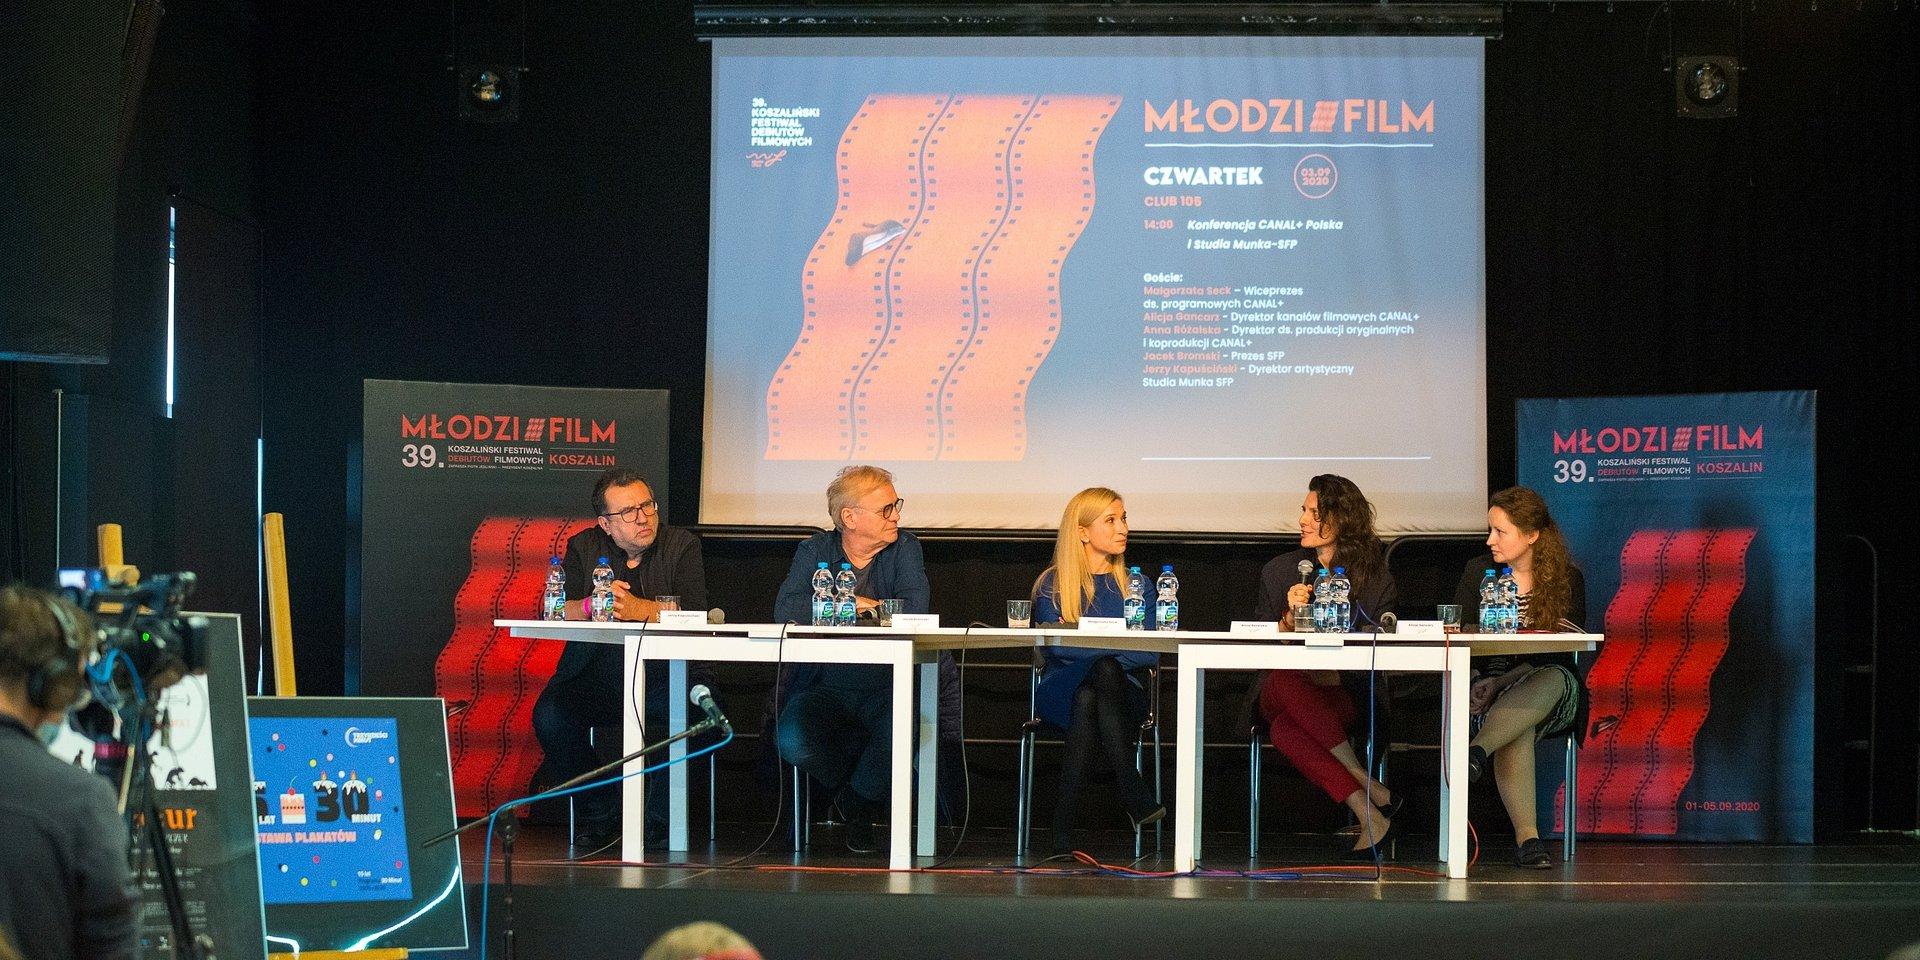 CANAL+ Polska i Studio Munka SFP wspólnie wyprodukują serię reżyserskich debiutów o tematyce współczesnej